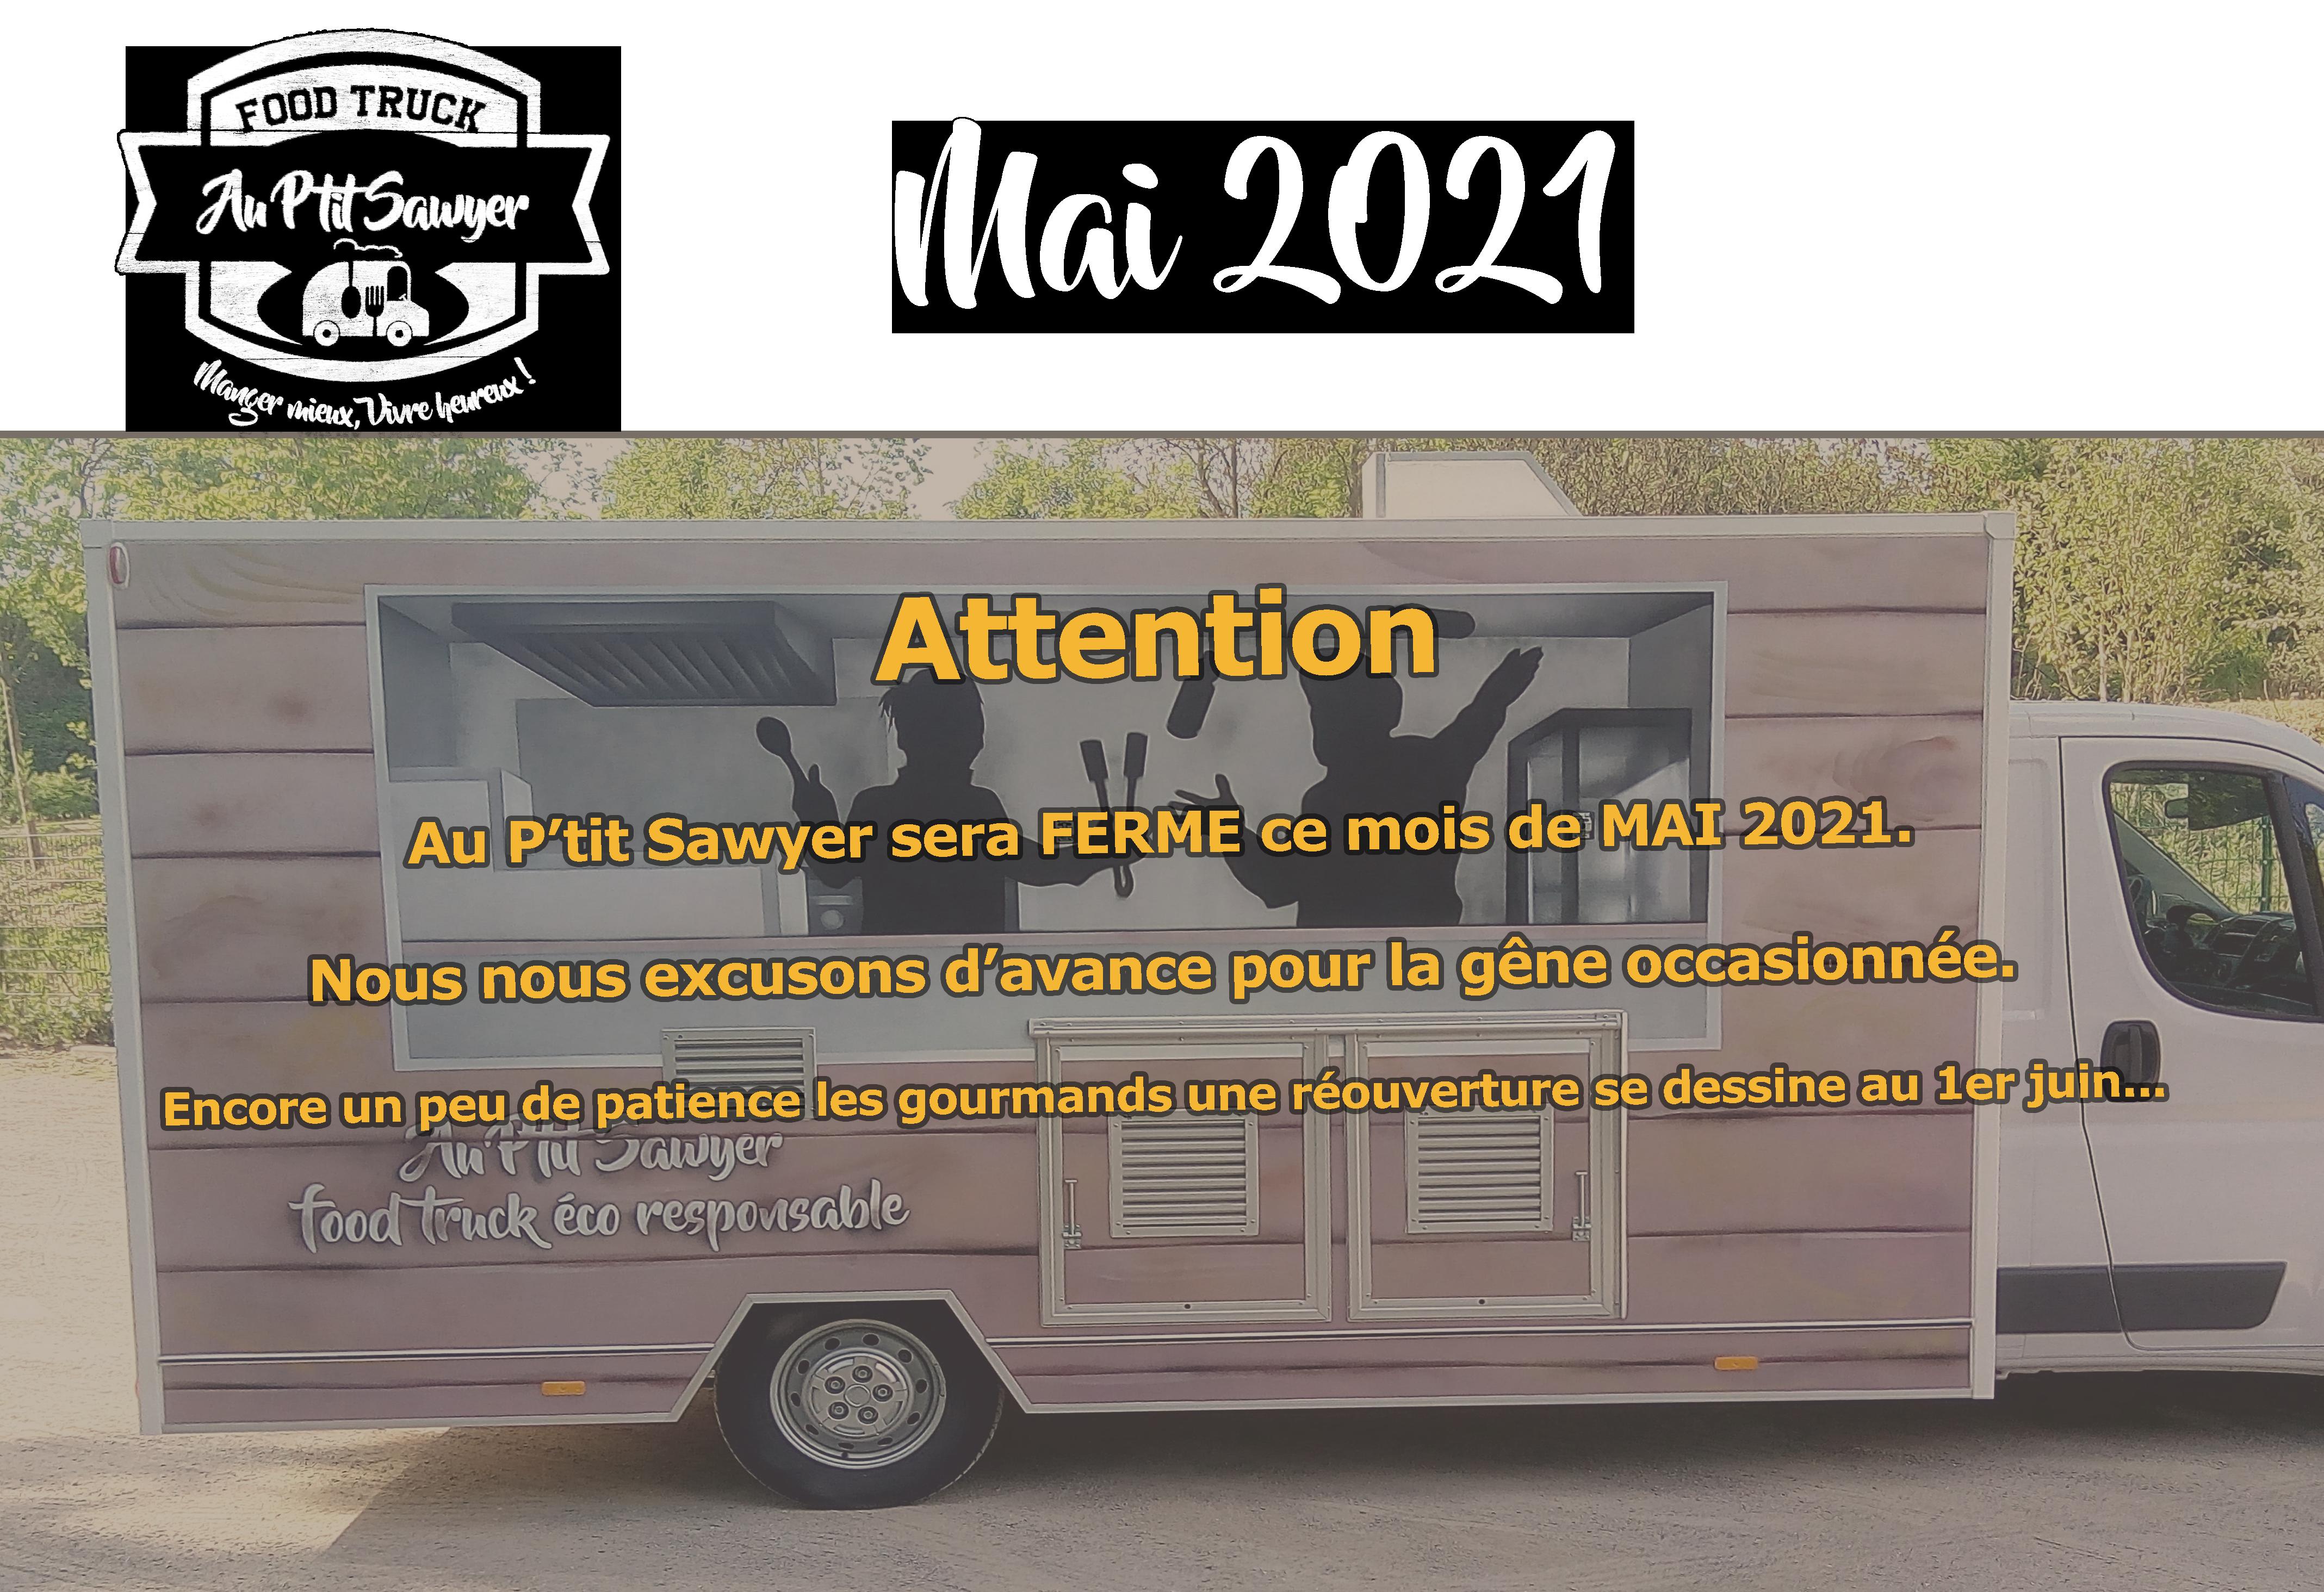 planning-semaine-Menu -manger-burger-Au P'tit Sawyer-Food truck-éco responsable-Strasbourg-Alsace-local-frais-fait camion